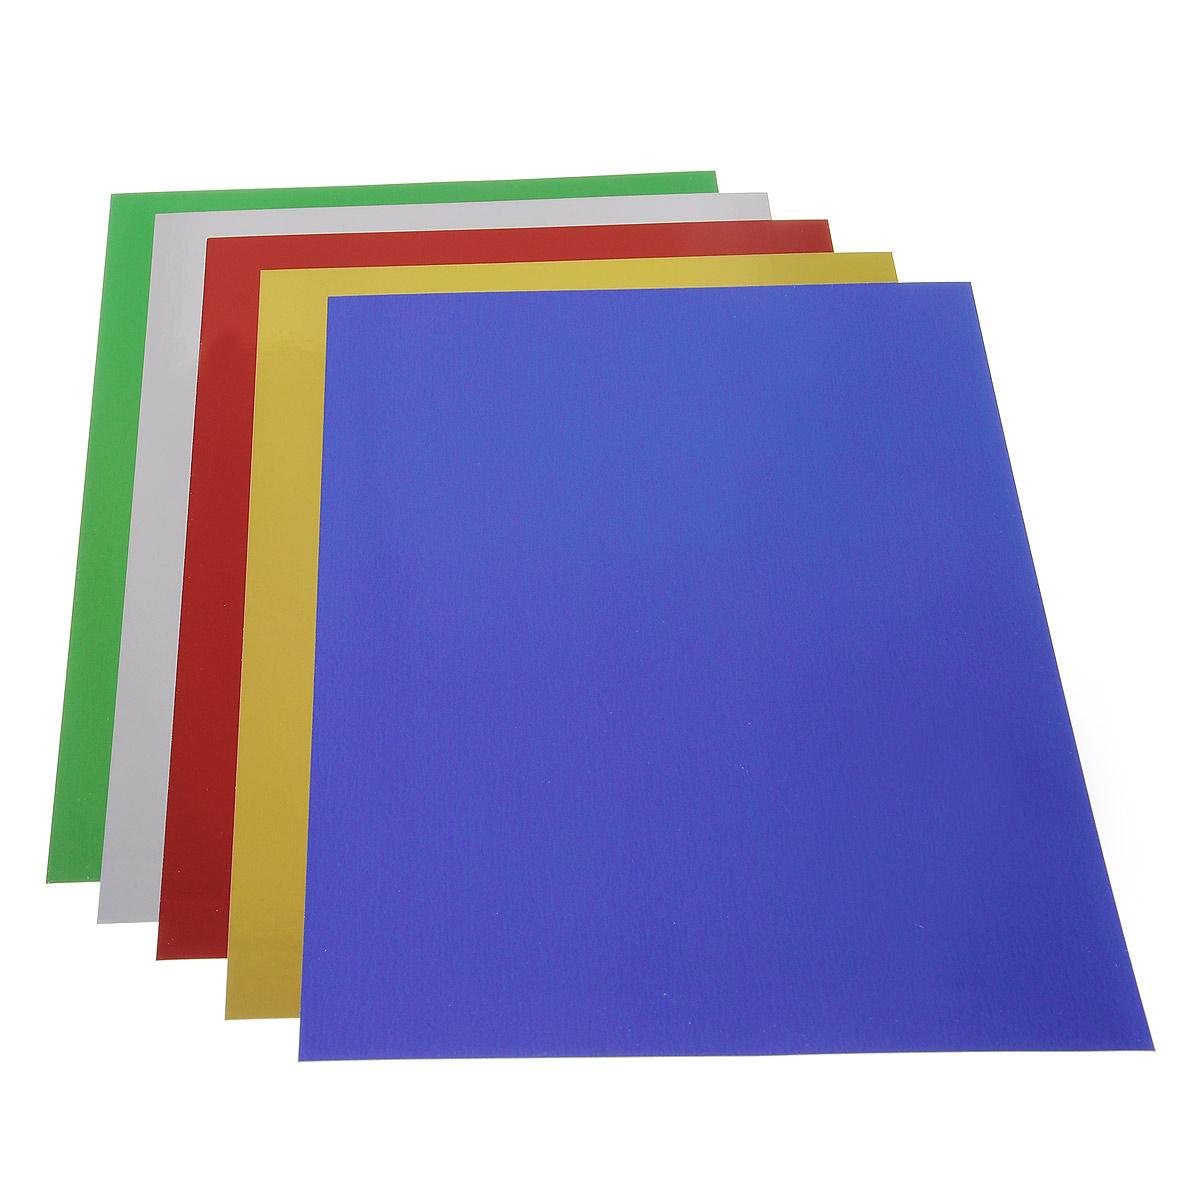 Цветной металлизированный картон Бриз позволит вашему ребенку создавать всевозможные аппликации и поделки.   Набор состоит из пяти листов картона зеленого, красного, синего, золотистого и серебристого цветов. Картон упакован в яркую папку, оформленную рисунком с изображением зайчика. Создание поделок и аппликаций из картона - это увлекательный досуг, который позволит ребенку развивать свои творческие способности.